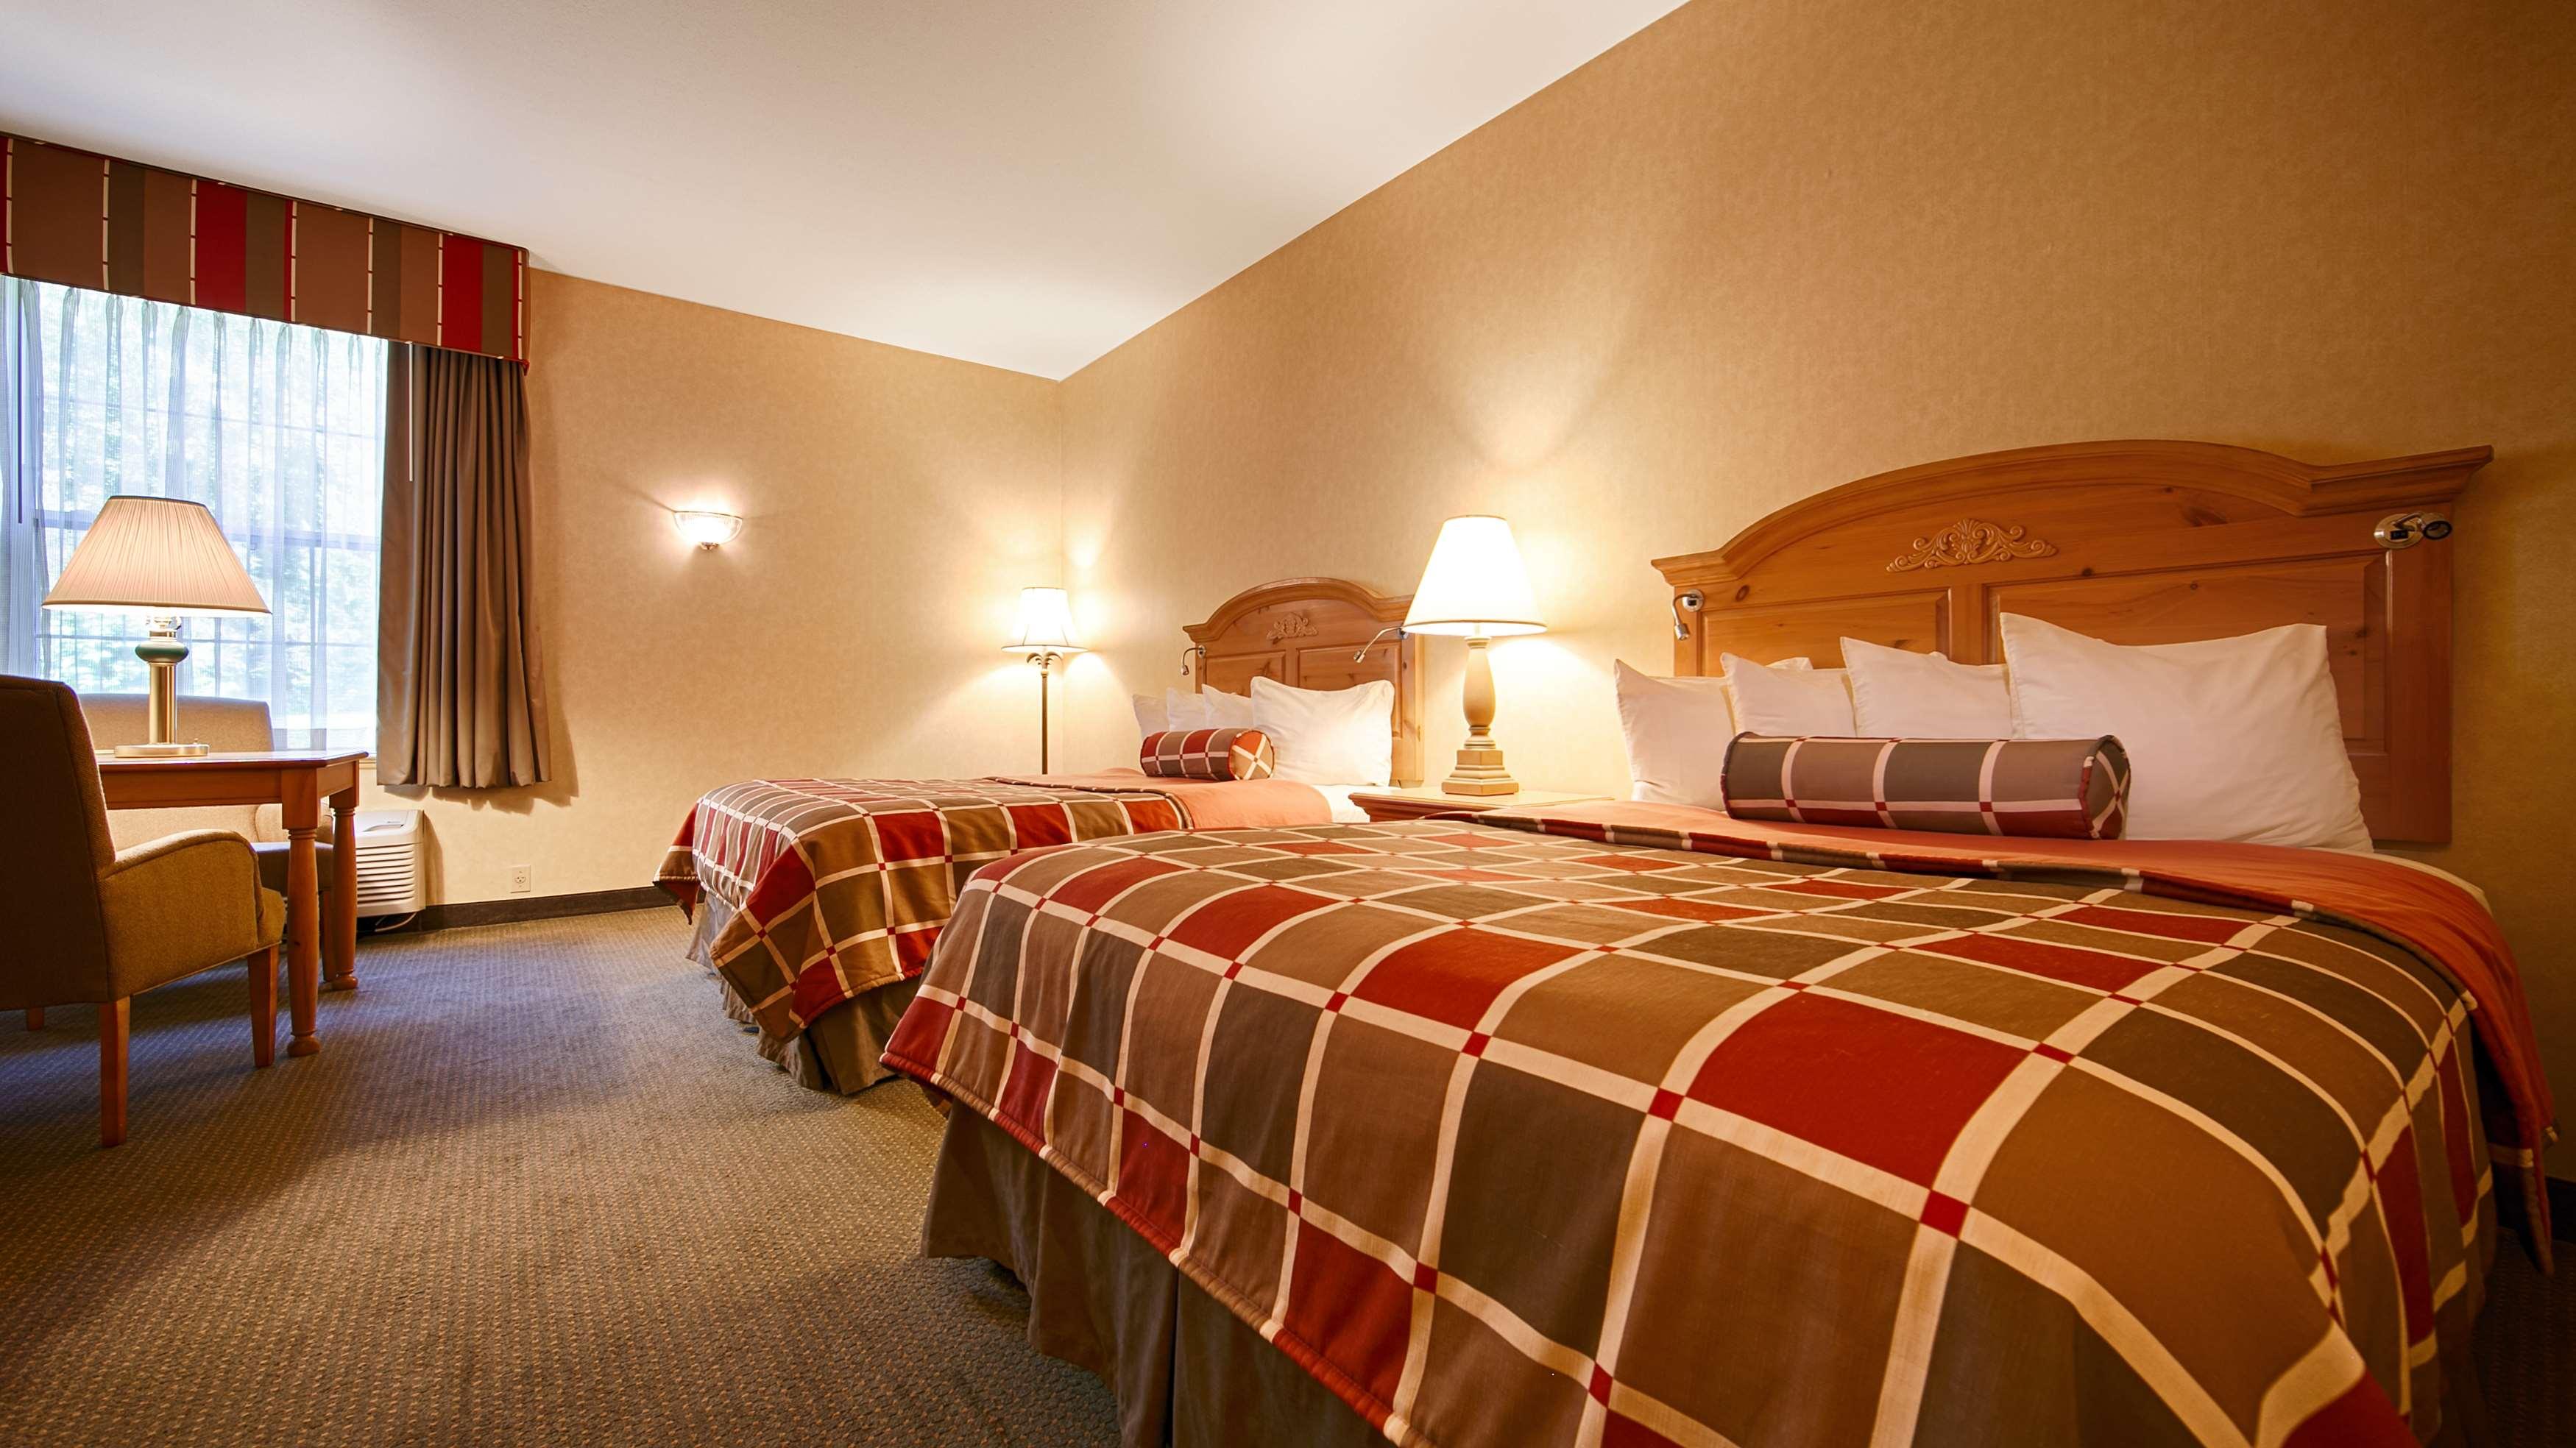 Best Western Plus Revere Inn & Suites image 8